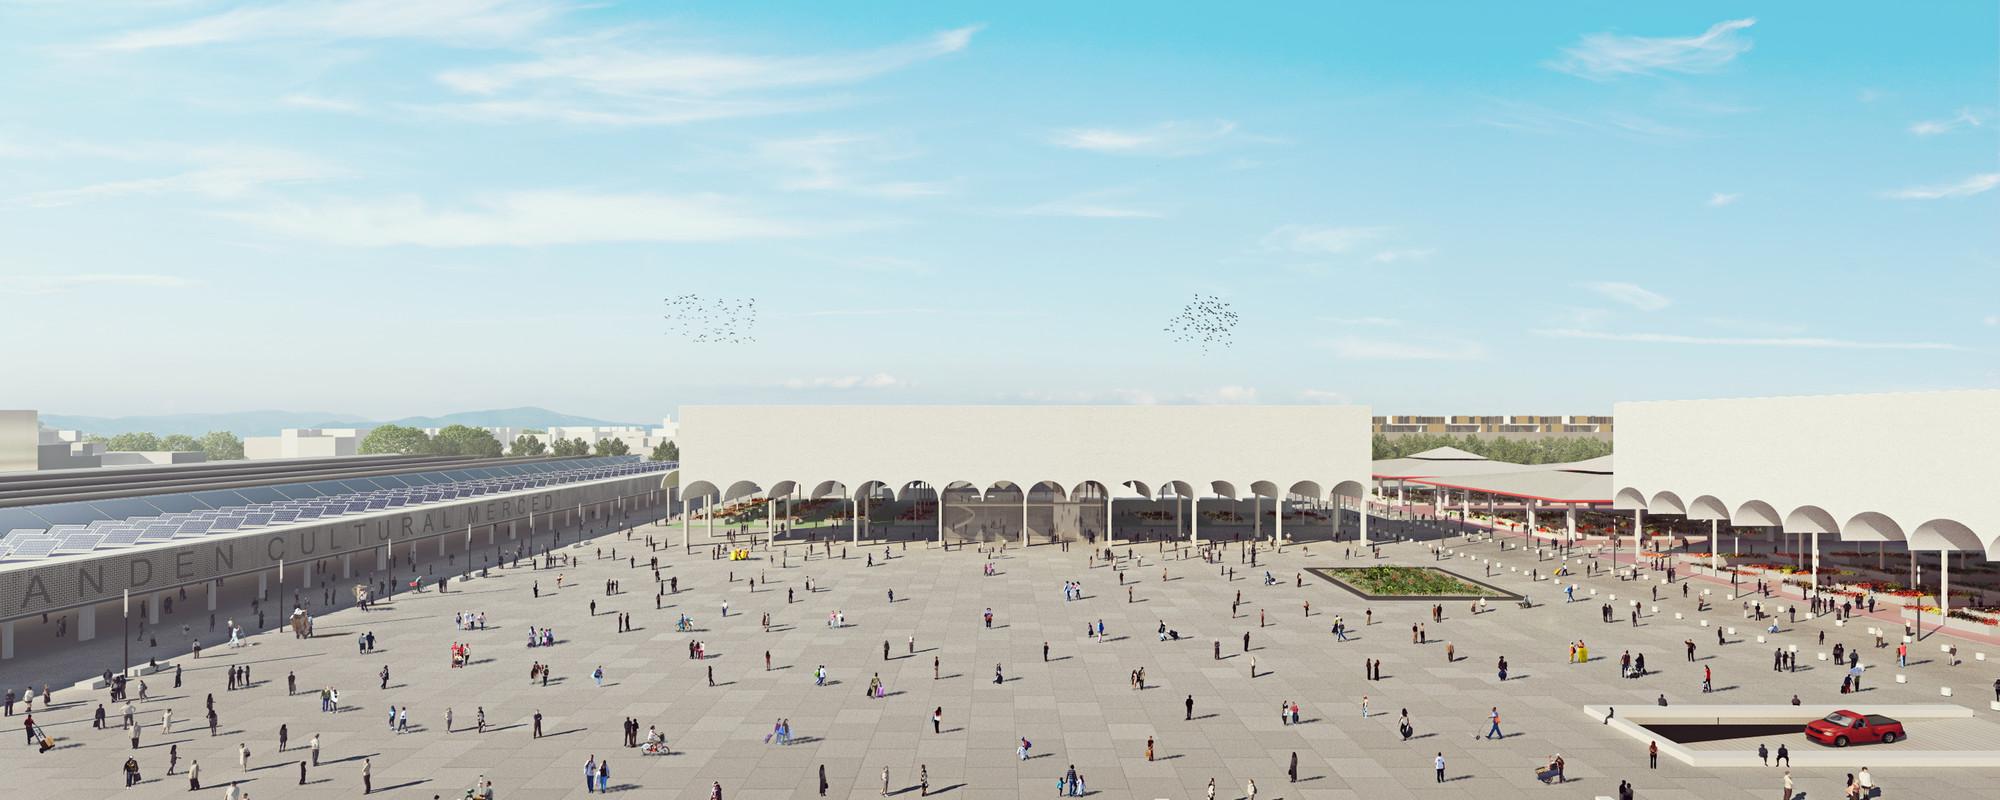 Primer Lugar Concurso Anteproyecto Conceptual para el Plan Maestro de La Merced en Ciudad de México, Vista plaza principal. Image Courtesy of José Muñoz Villers y Carlos Marín